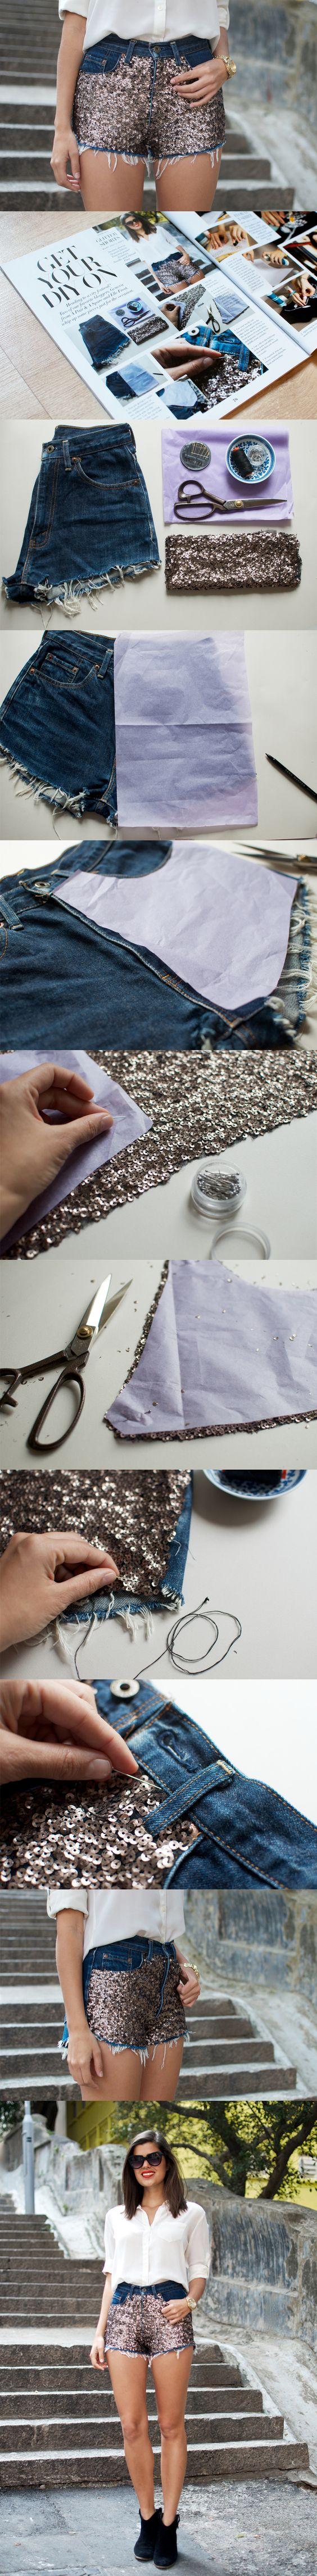 DIY Sequin Embellished Denim Shorts: